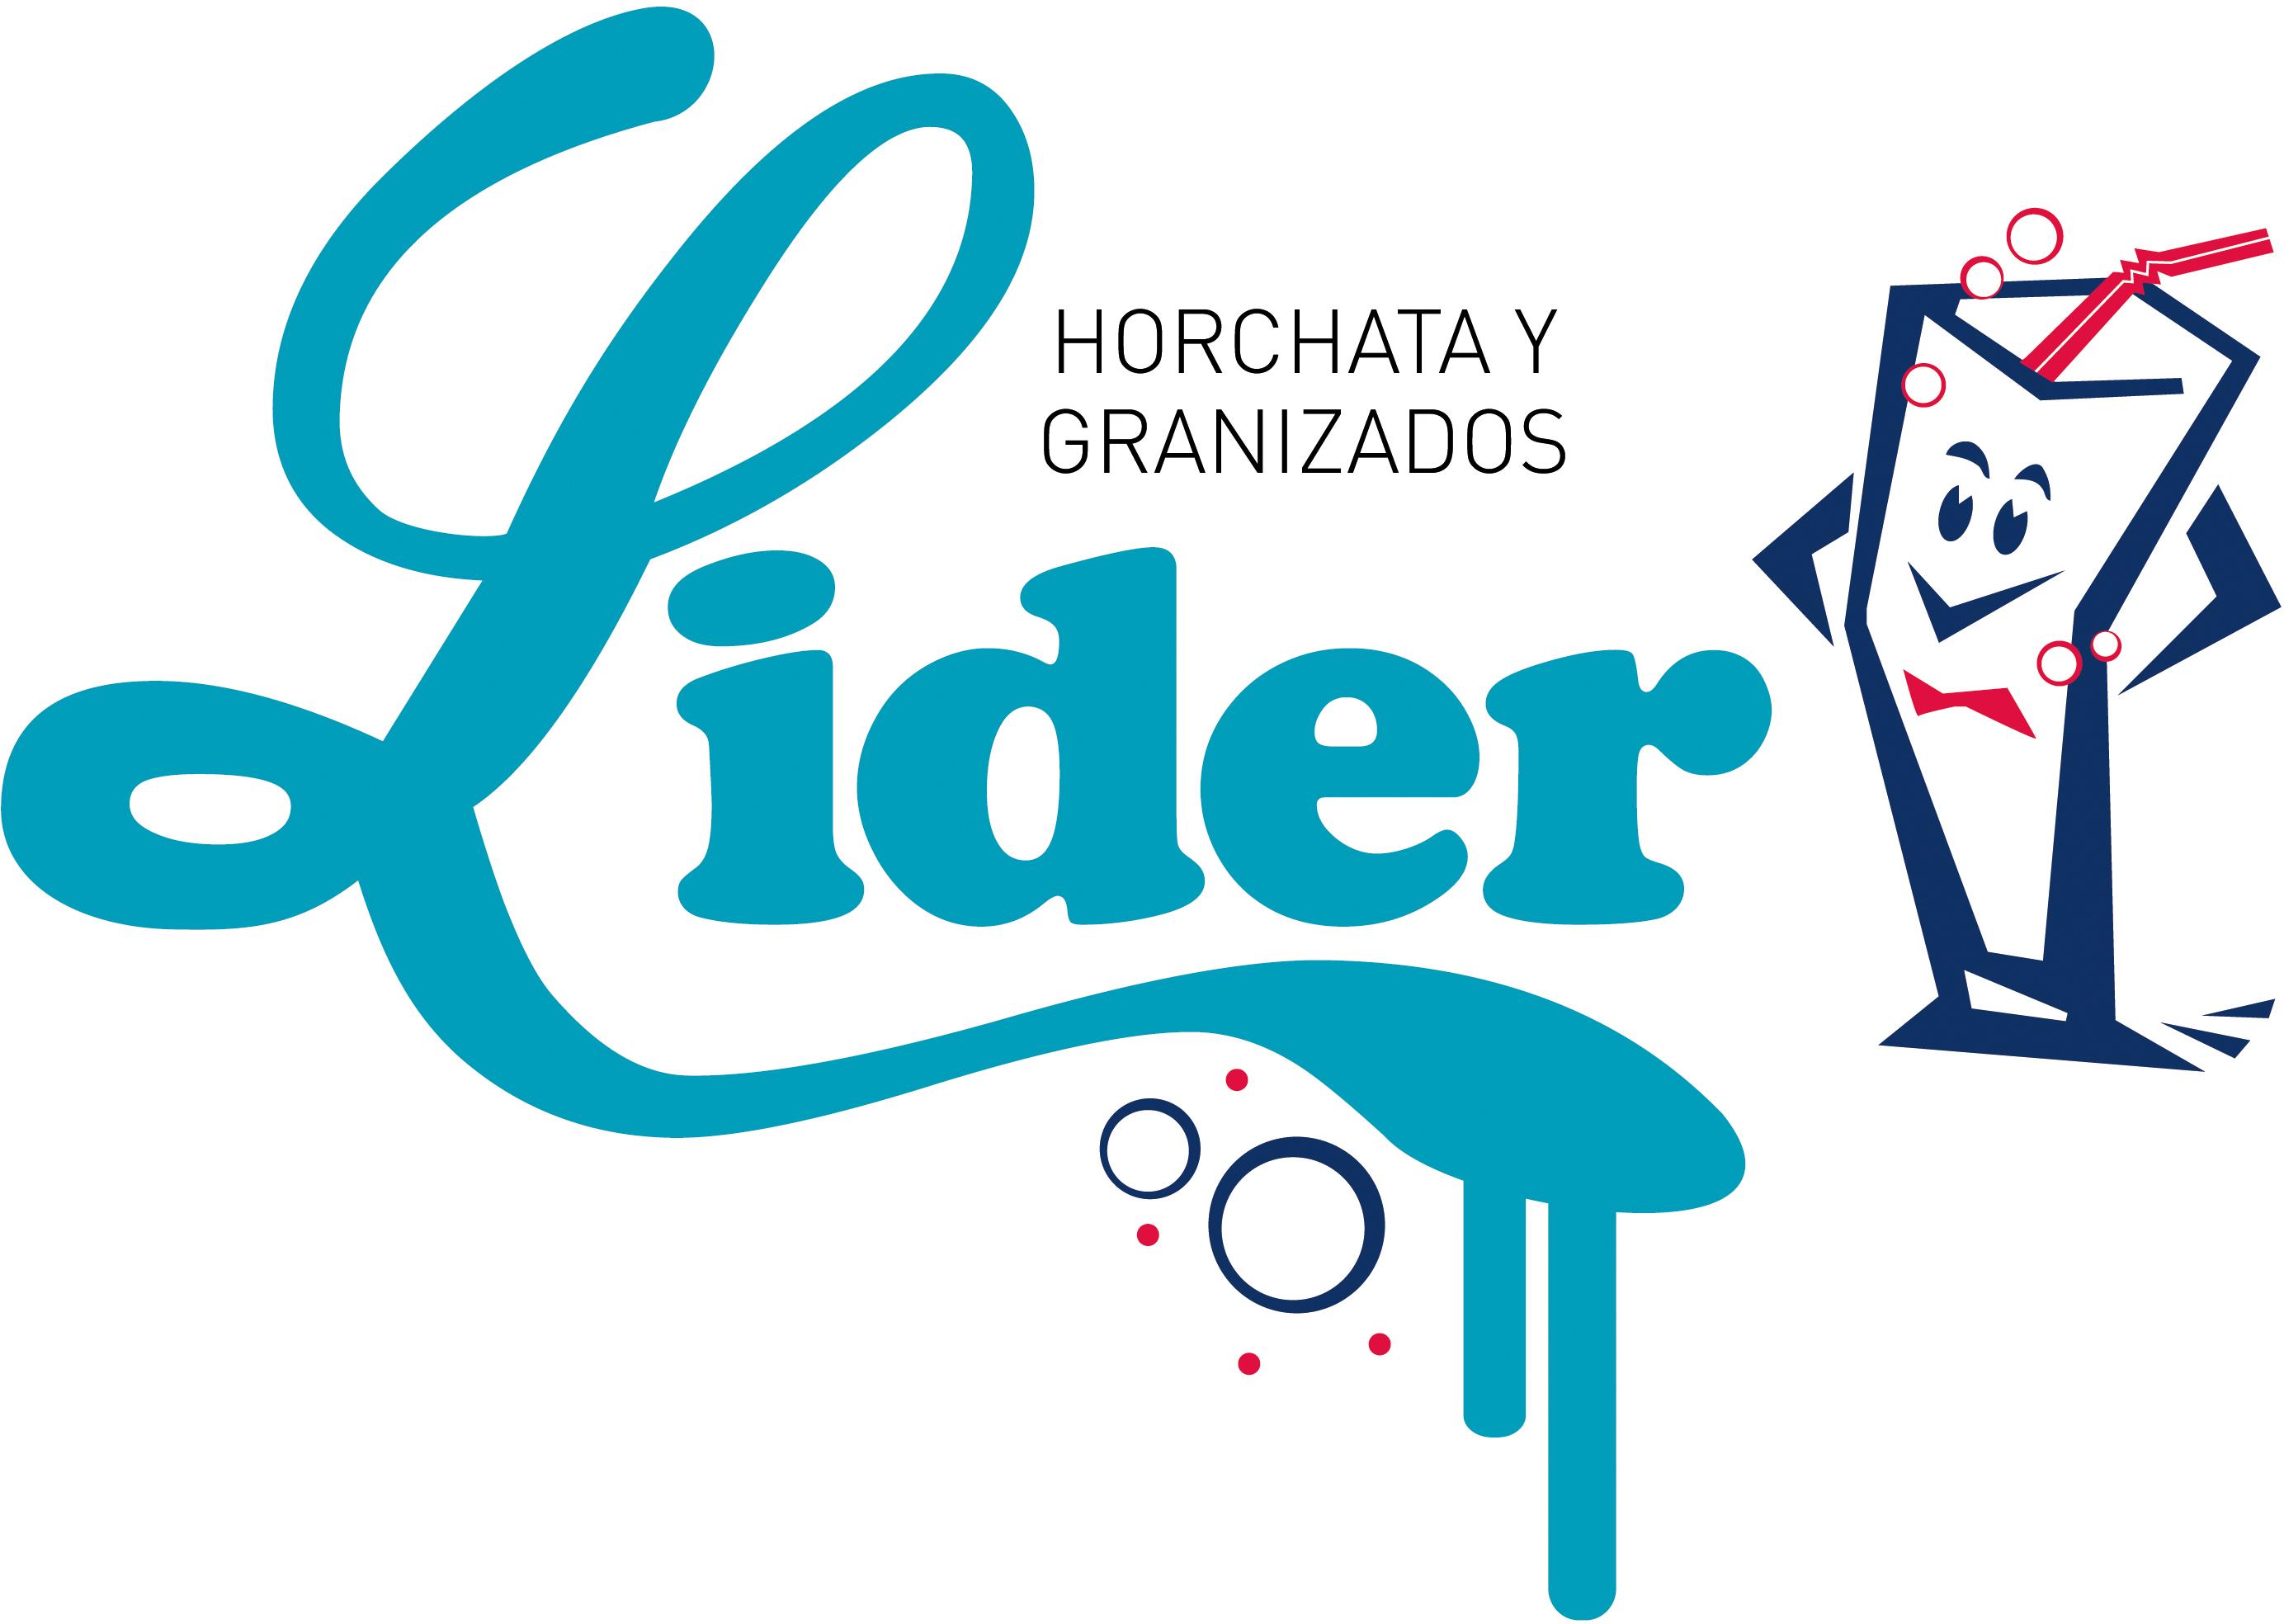 Horchatalider.es